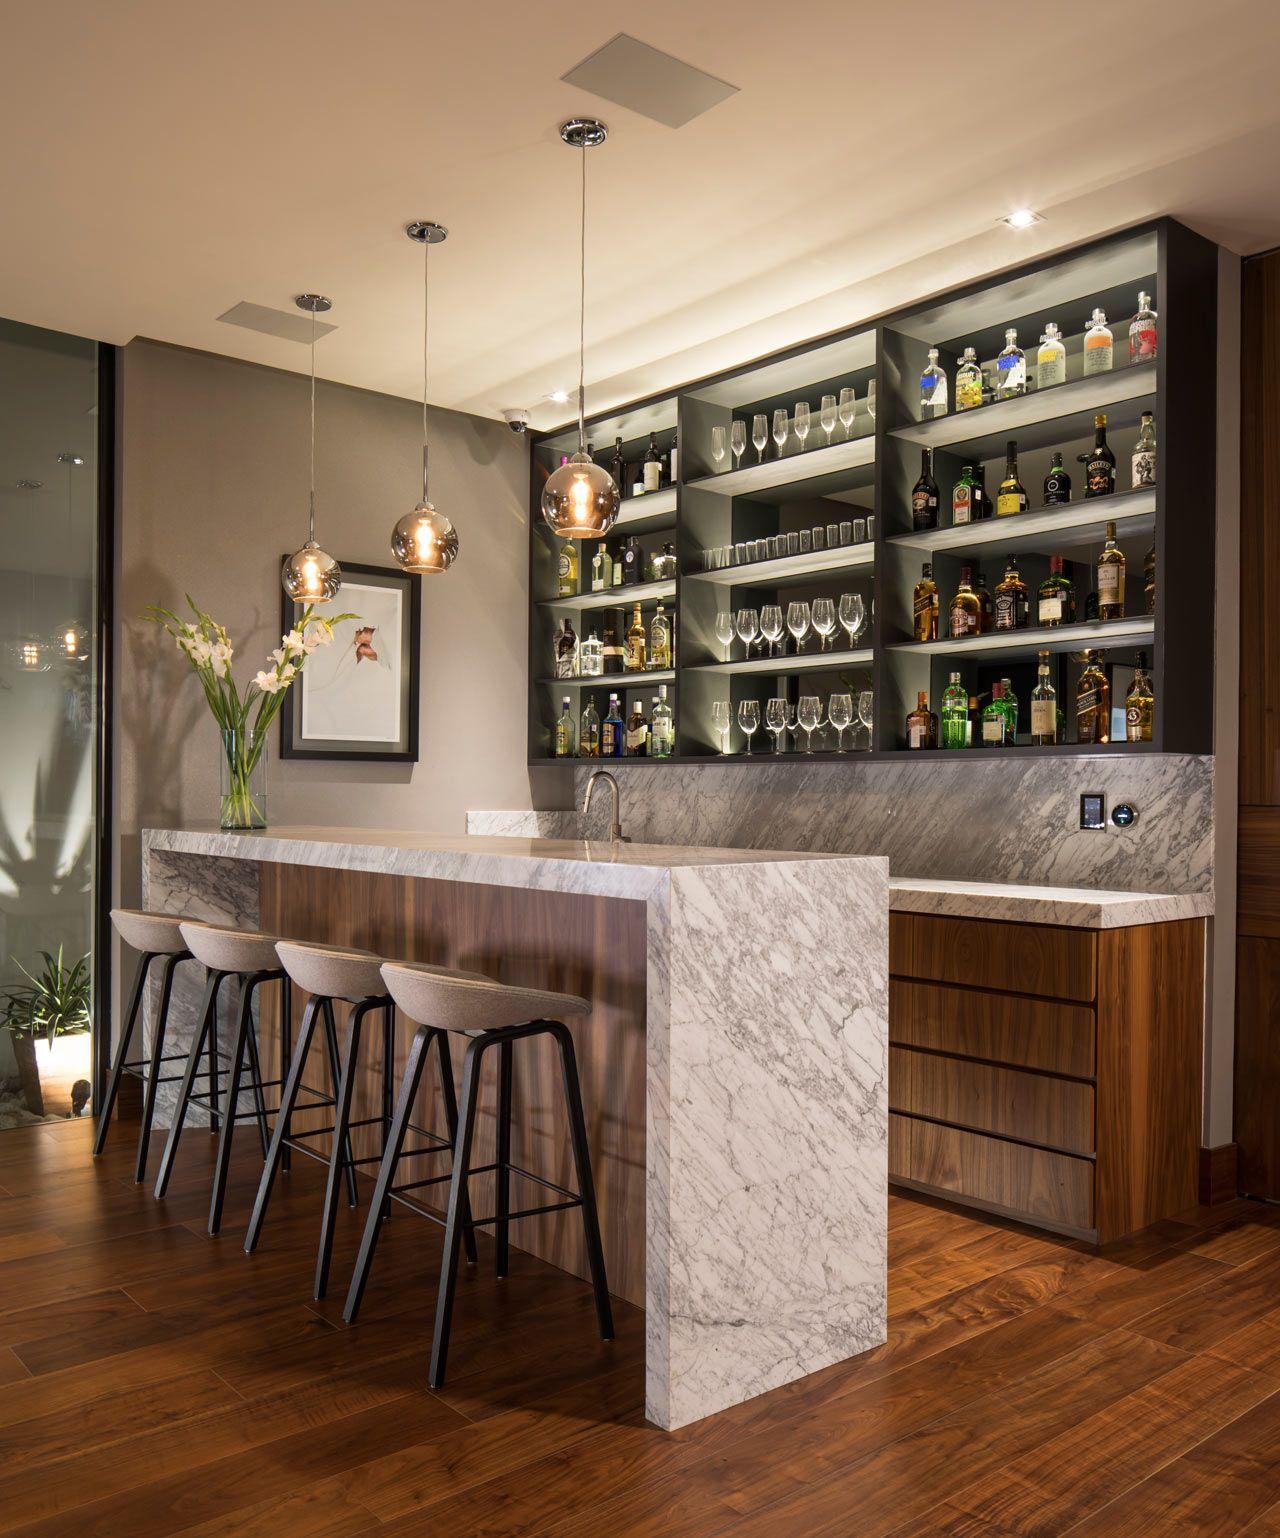 Glr Arquitectos Designs The Dreamy Er House In Monterrey Mexico Design Milk Home Bar Rooms Modern Home Bar Home Bar Decor